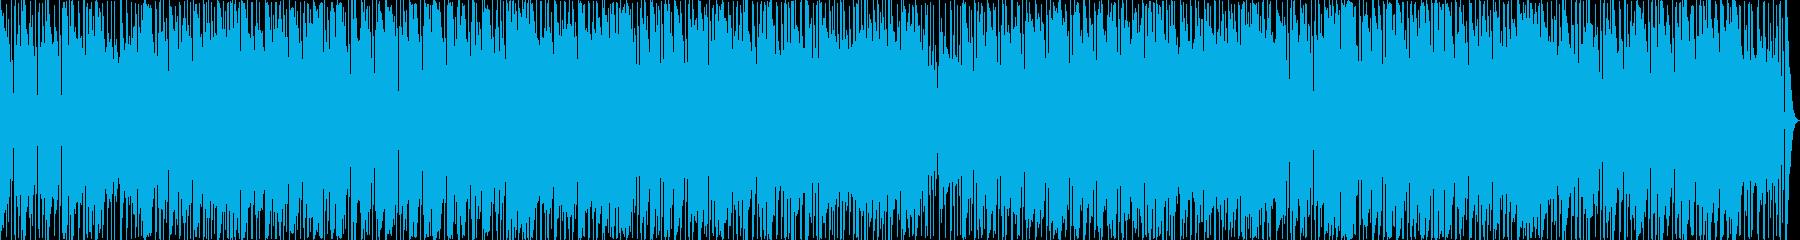 音符が細かい楽しい16ビートサウンドの再生済みの波形